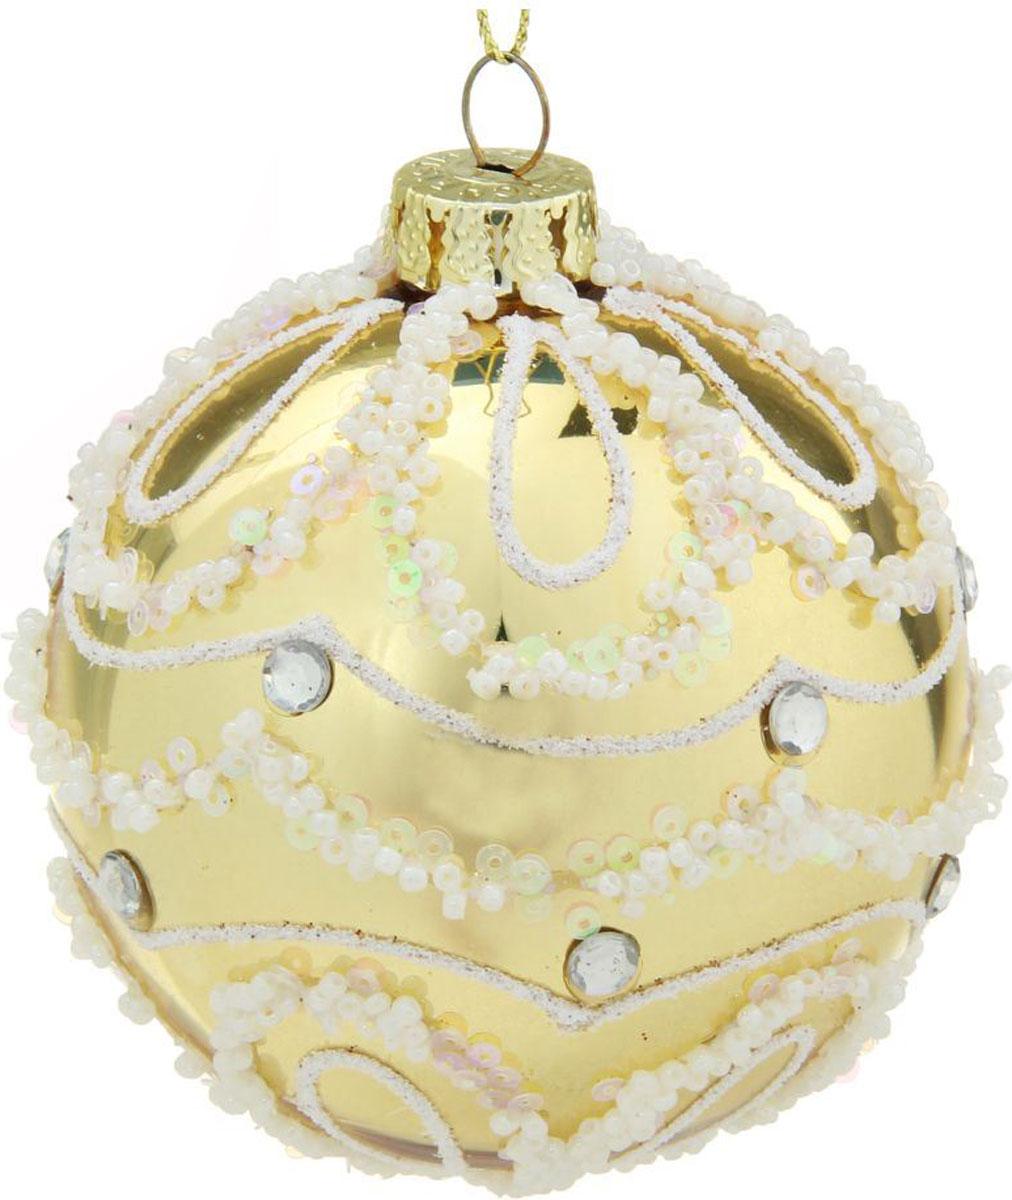 Новогоднее подвесное украшение Sima-land Волна, цвет: золотистый, диаметр 8 см1346654Новогоднее украшение Sima-land отлично подойдет для декорации вашего дома и новогодней ели. Елочная игрушка - символ Нового года. Она несет в себе волшебство и красоту праздника. Такое украшение создаст в вашем доме атмосферу праздника, веселья и радости.